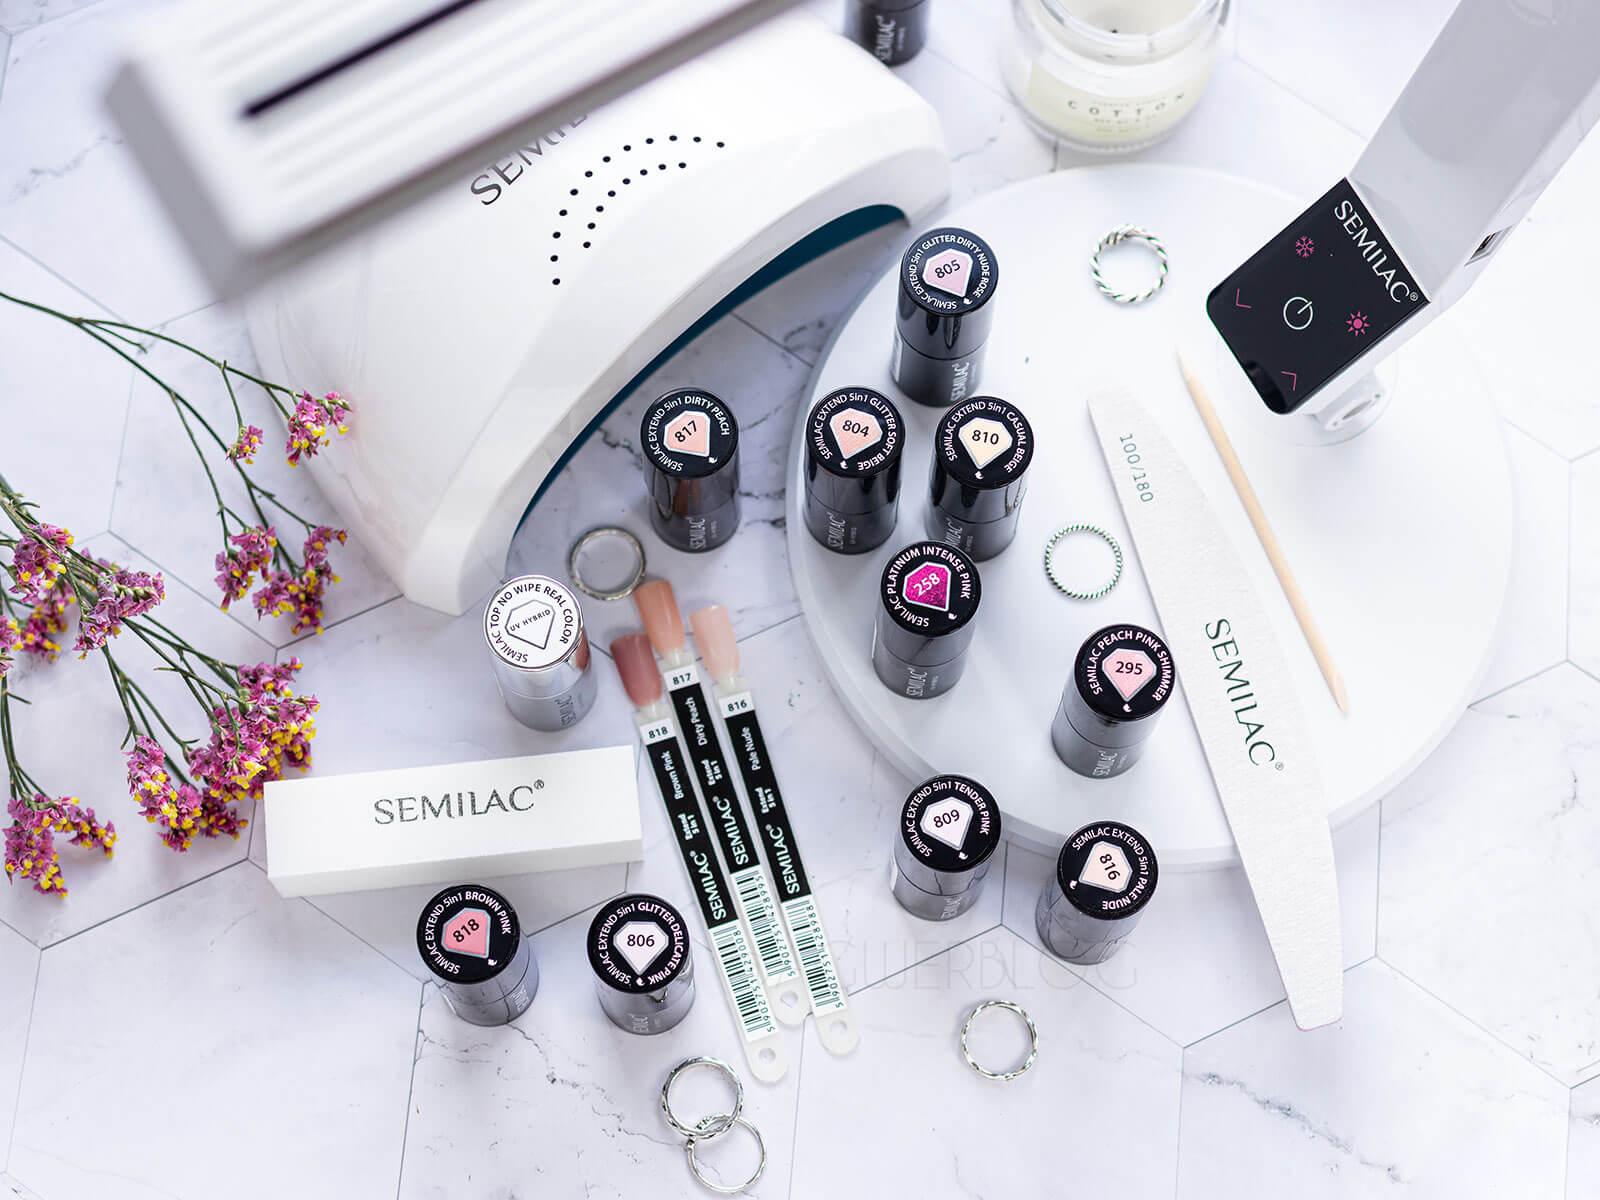 7 błędów w manicure hybrydowym, których lepiej nie popełniać | Zdradzam proste rozwiązania!